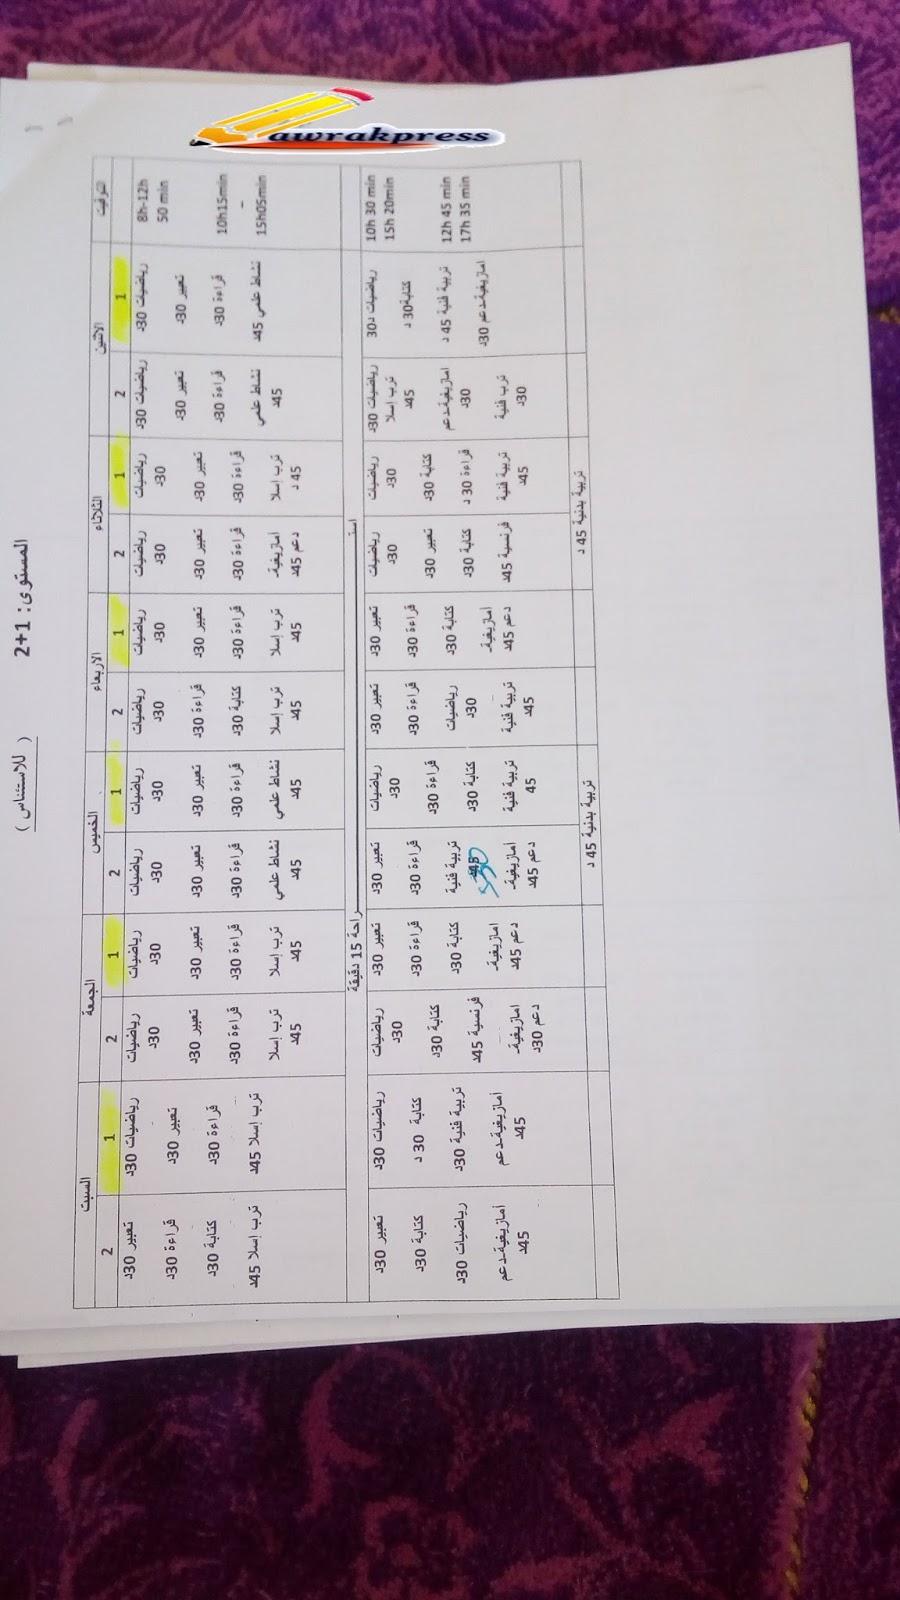 استعمال الزمن تتضمن الأمازيغية و التربية الاسلامية للمستويات التالية  : الأول و الثاني و الثالث و   الأول + الثاني